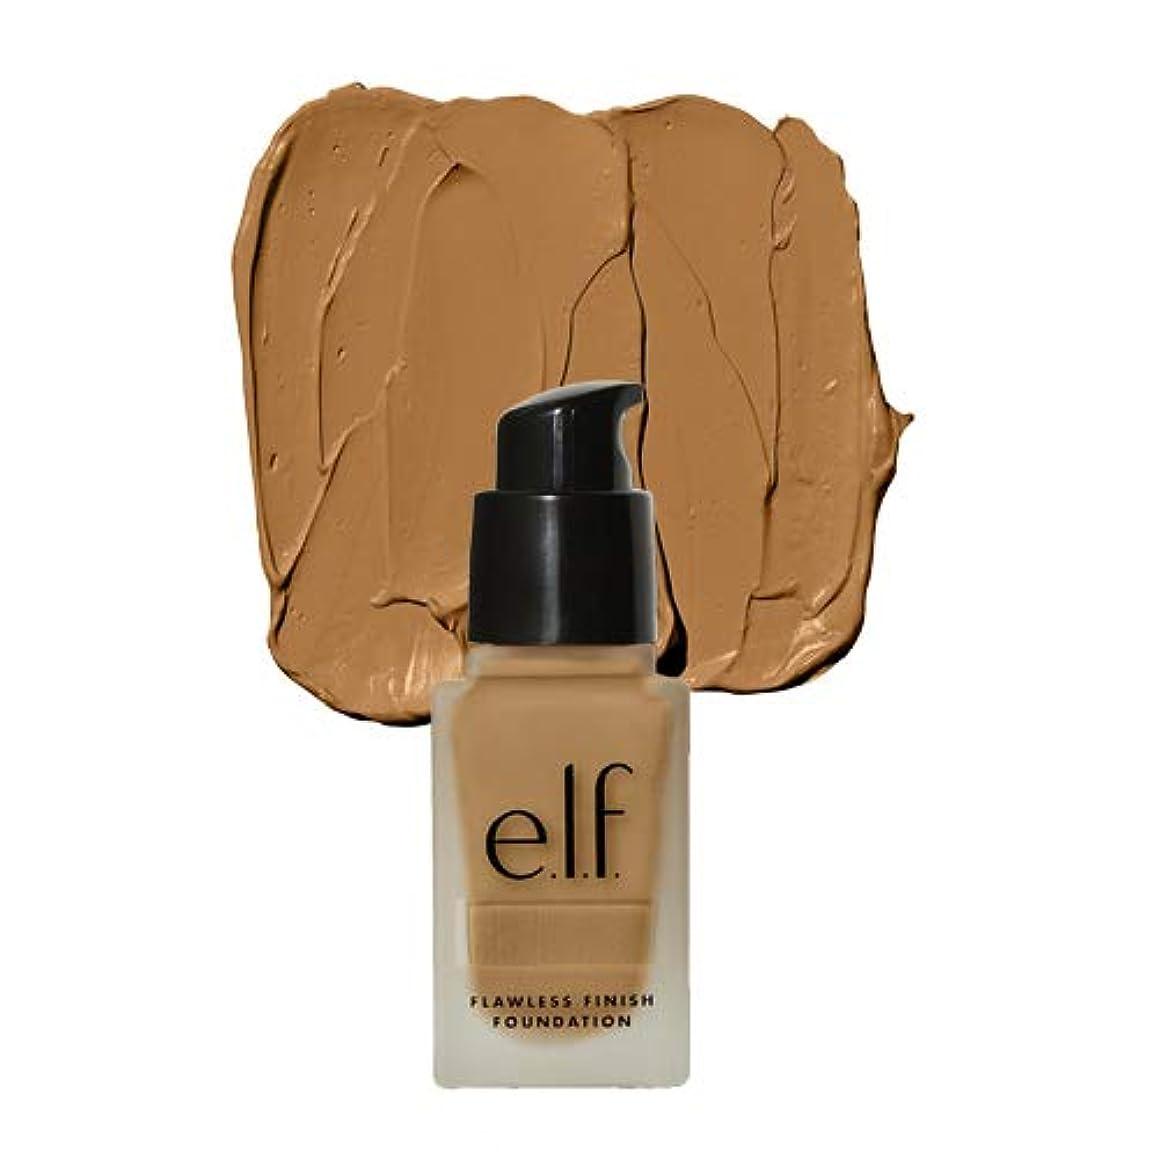 コマースと遊ぶ捨てる(3 Pack) e.l.f. Oil Free Flawless Finish Foundation - Linen (並行輸入品)